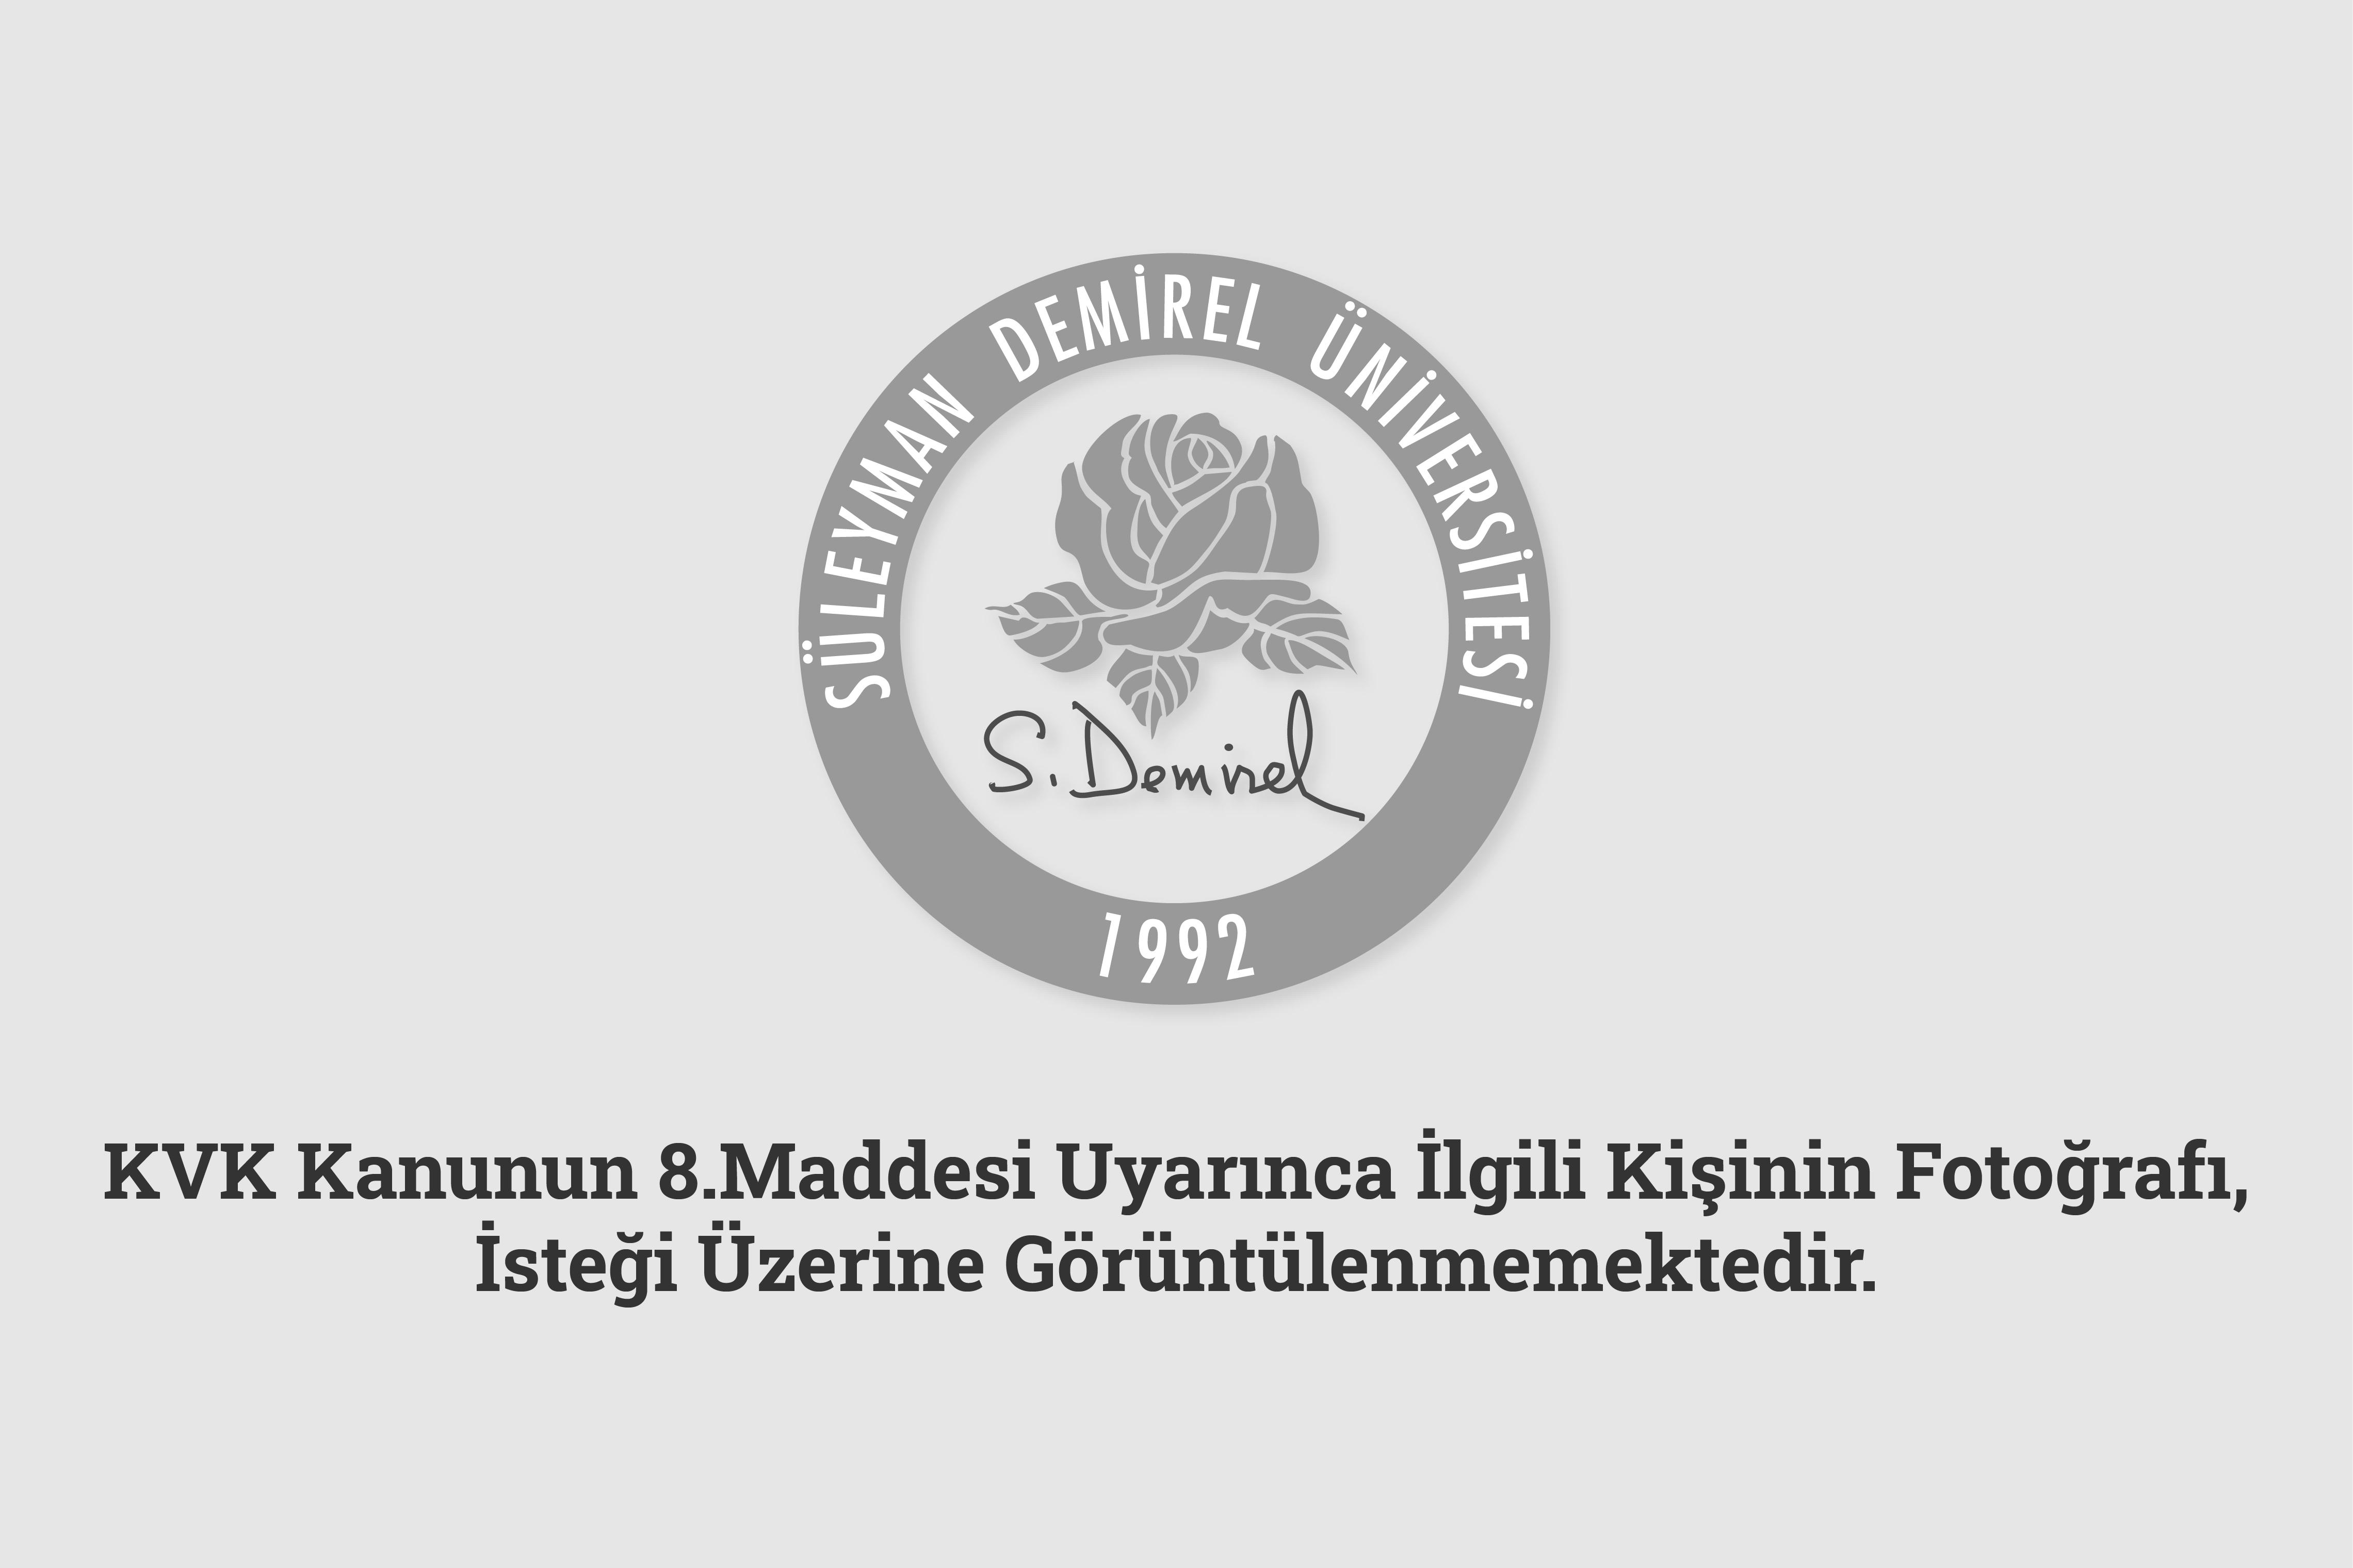 Ali BULGURCU